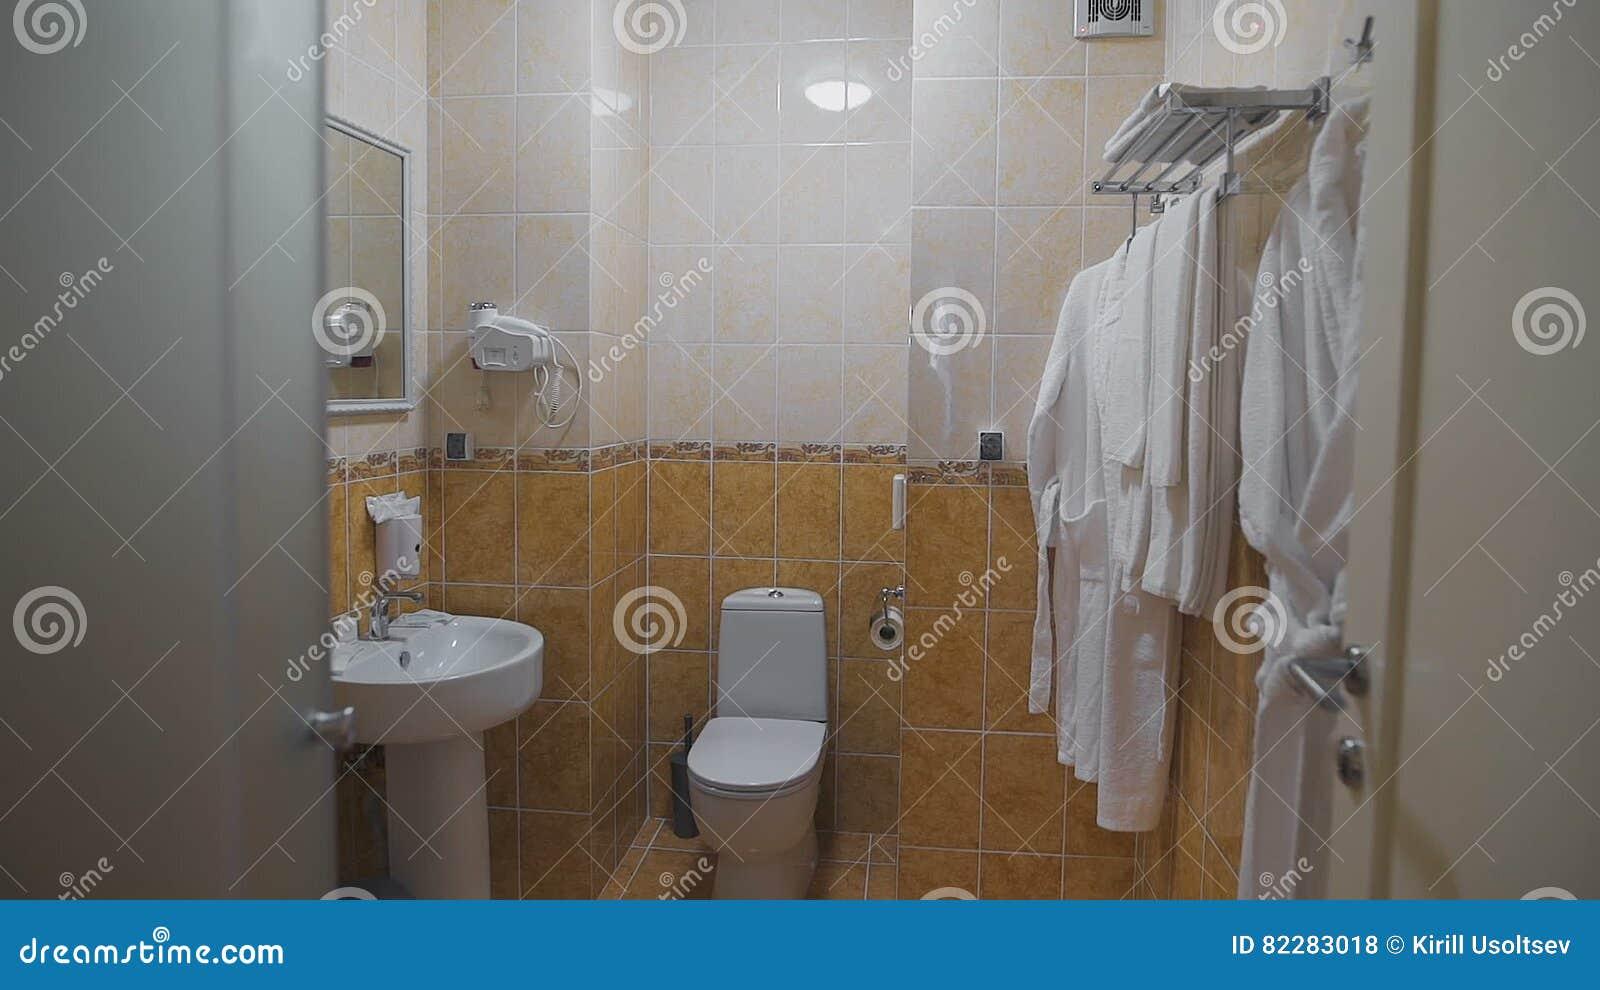 Badrum Med Vasken, Toalett, Spegel Och Vithanddukar Och Badrockar ... : hängare badrum : Badrum